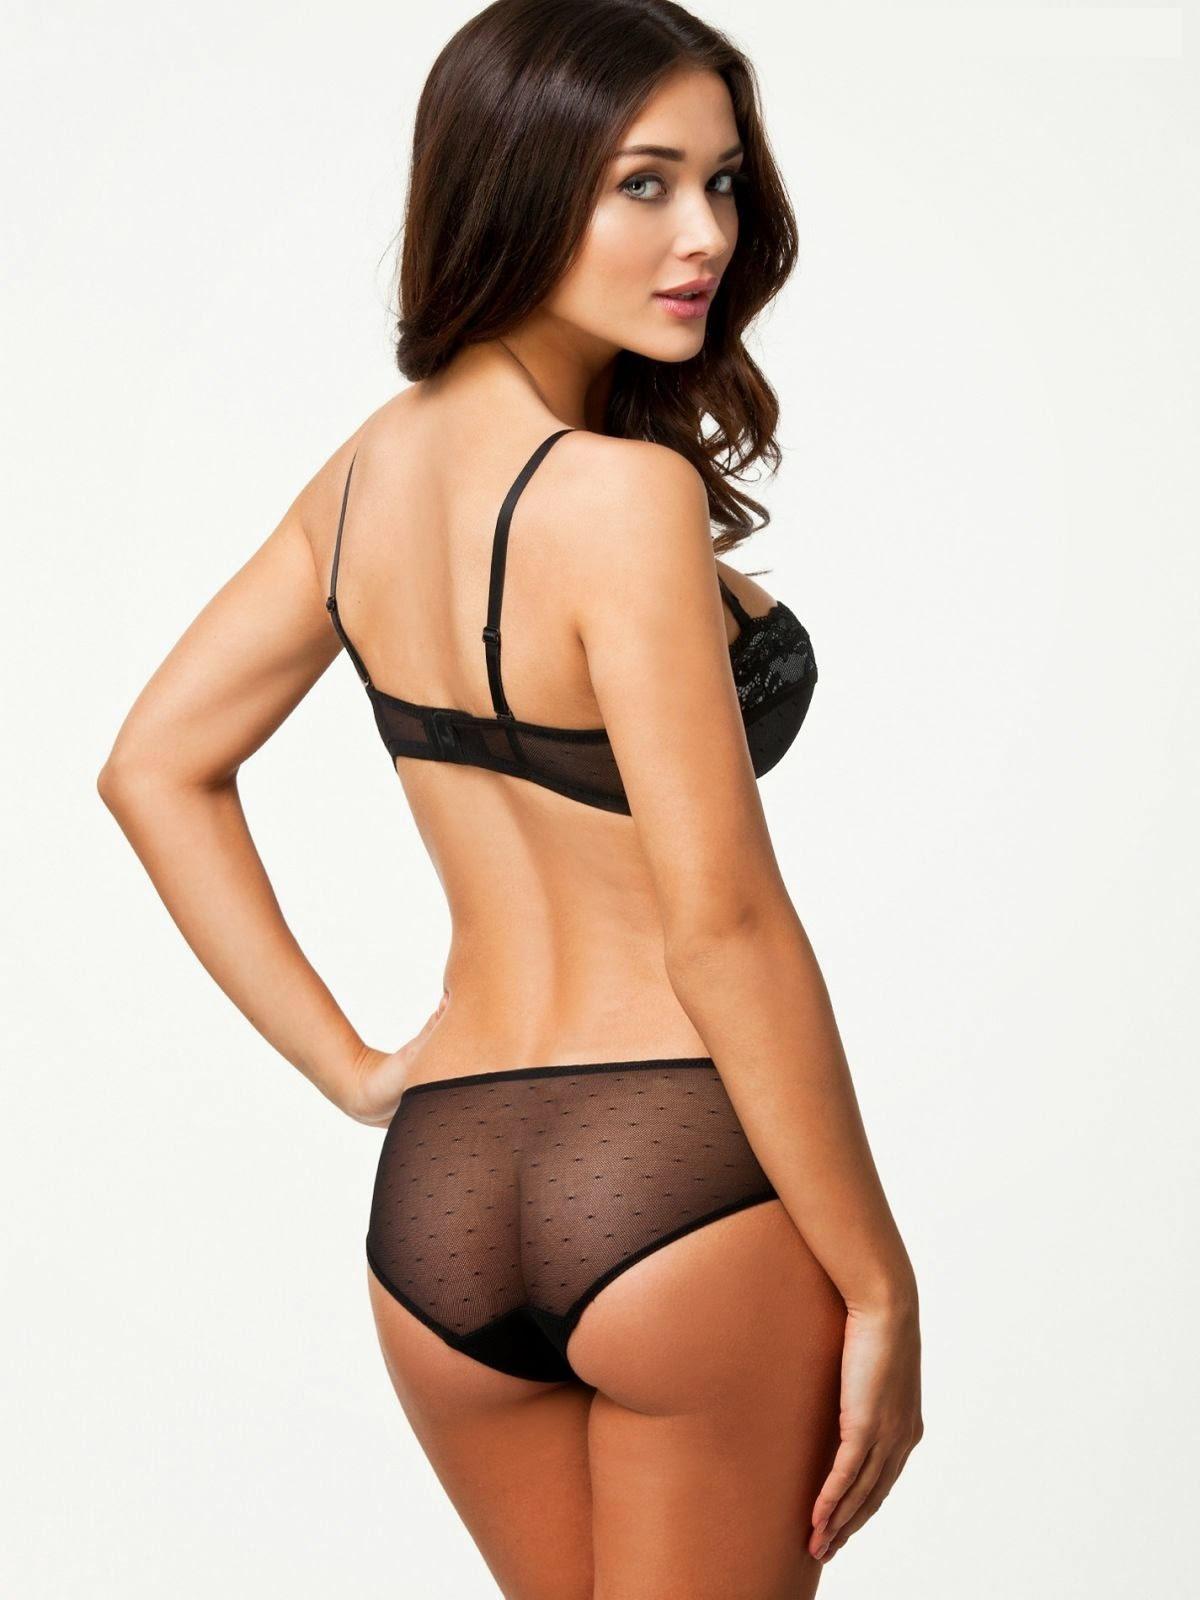 Amy Jackson Desnuda vídeo de la modelo amy jackson en lencería - sexy y sensual